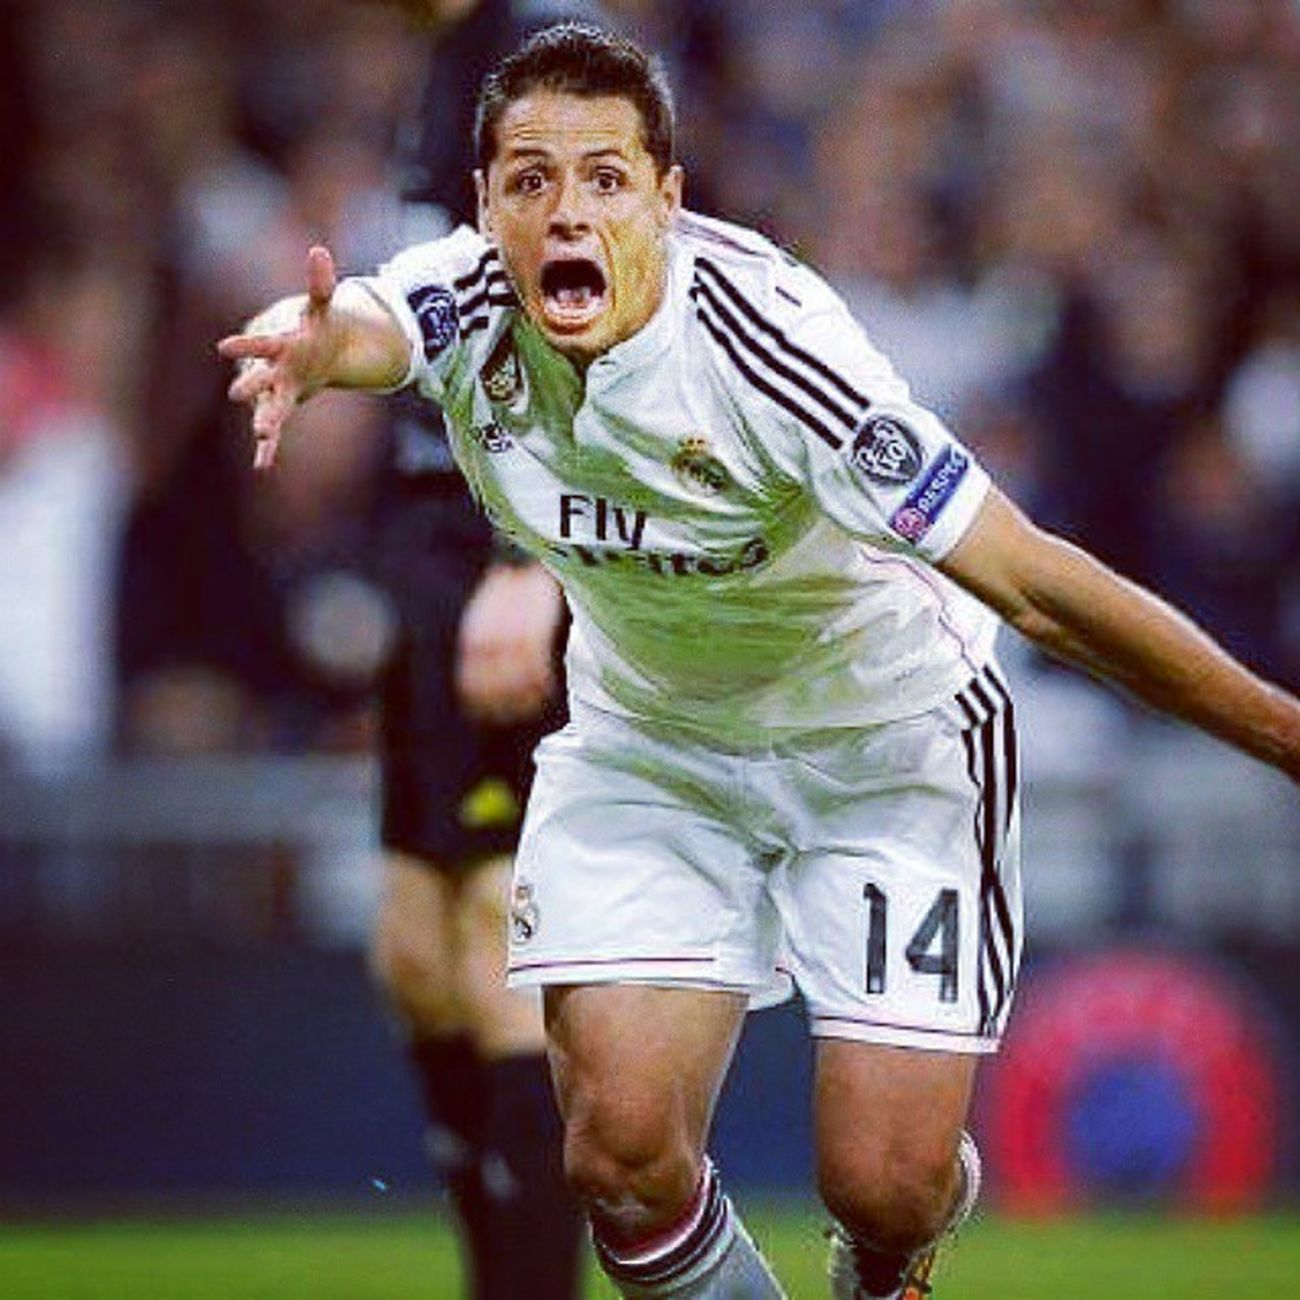 Halamadrid Chicharito Realmadrid Madridista Real Madrid Champions Championsleague